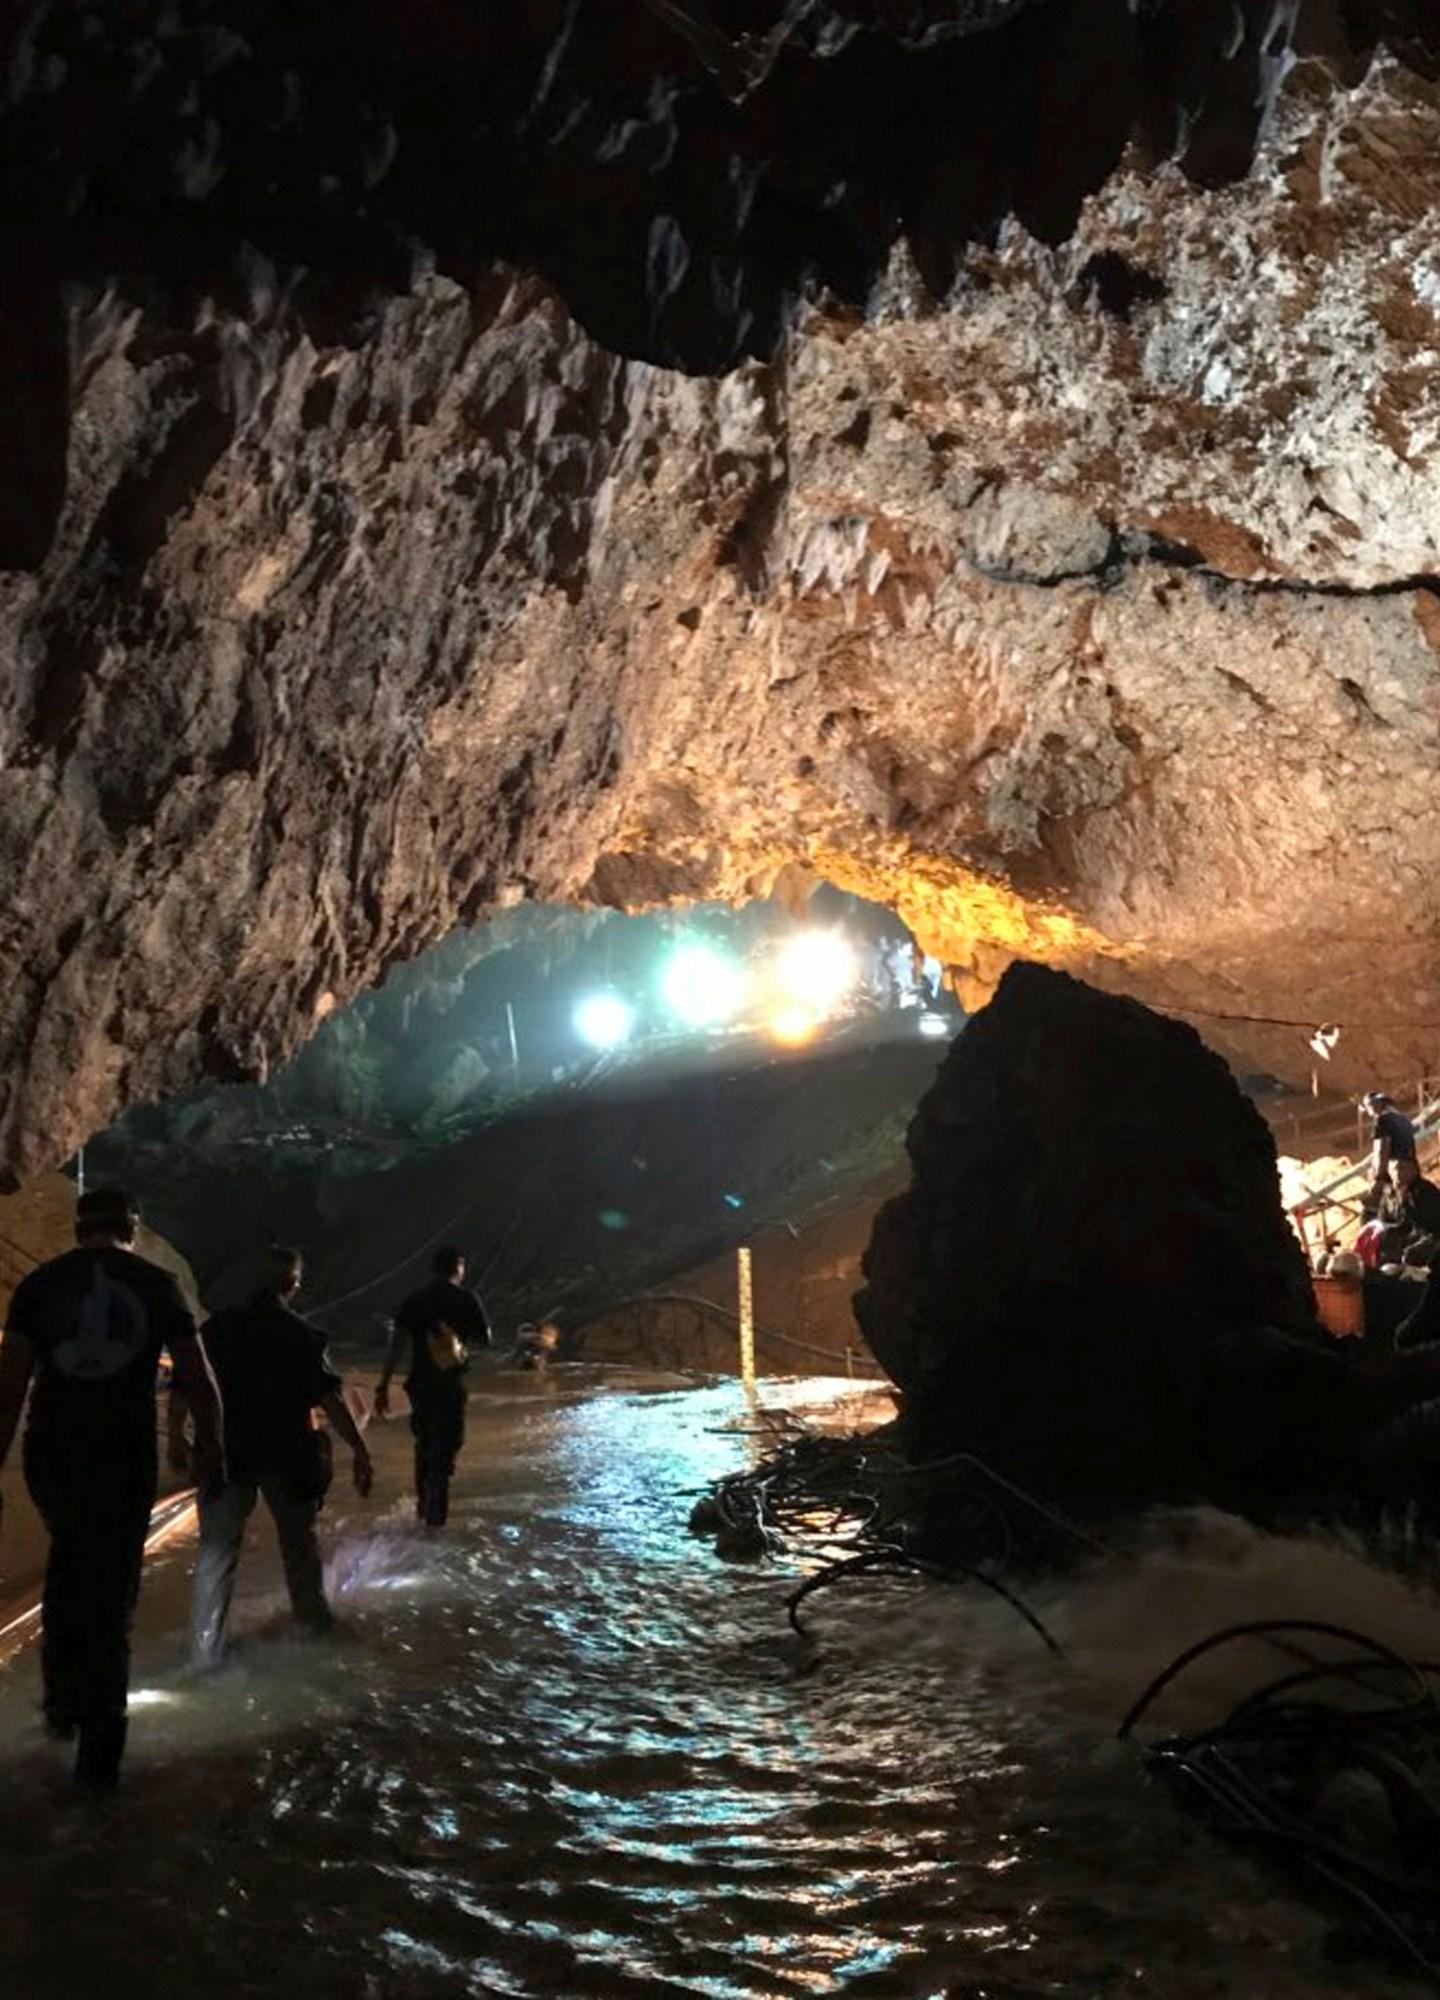 Thailand-Cave_Search_99661-159532.jpg43693918